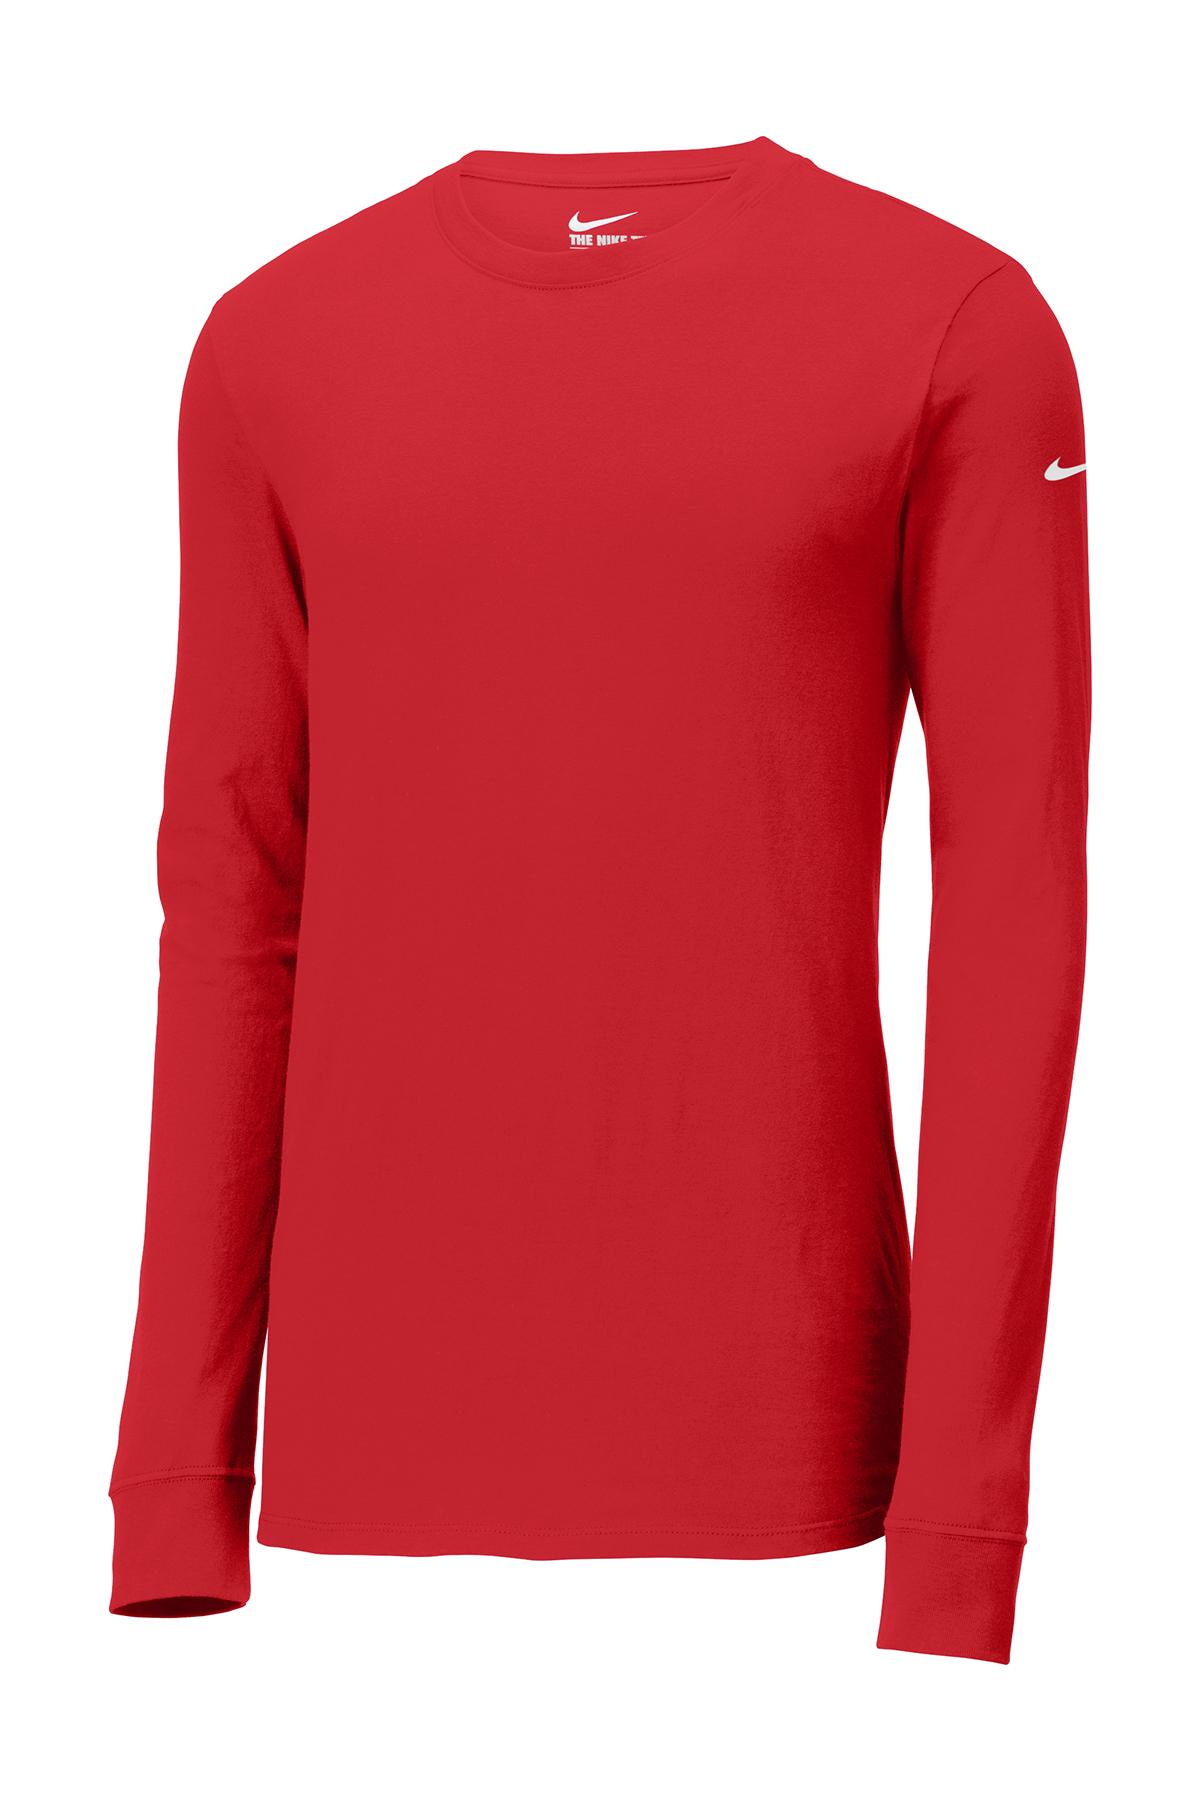 2ba41d43d18f Nike Golf NKBQ5232 - Men s Core Cotton Long Sleeve Tee - Men s T-Shirts